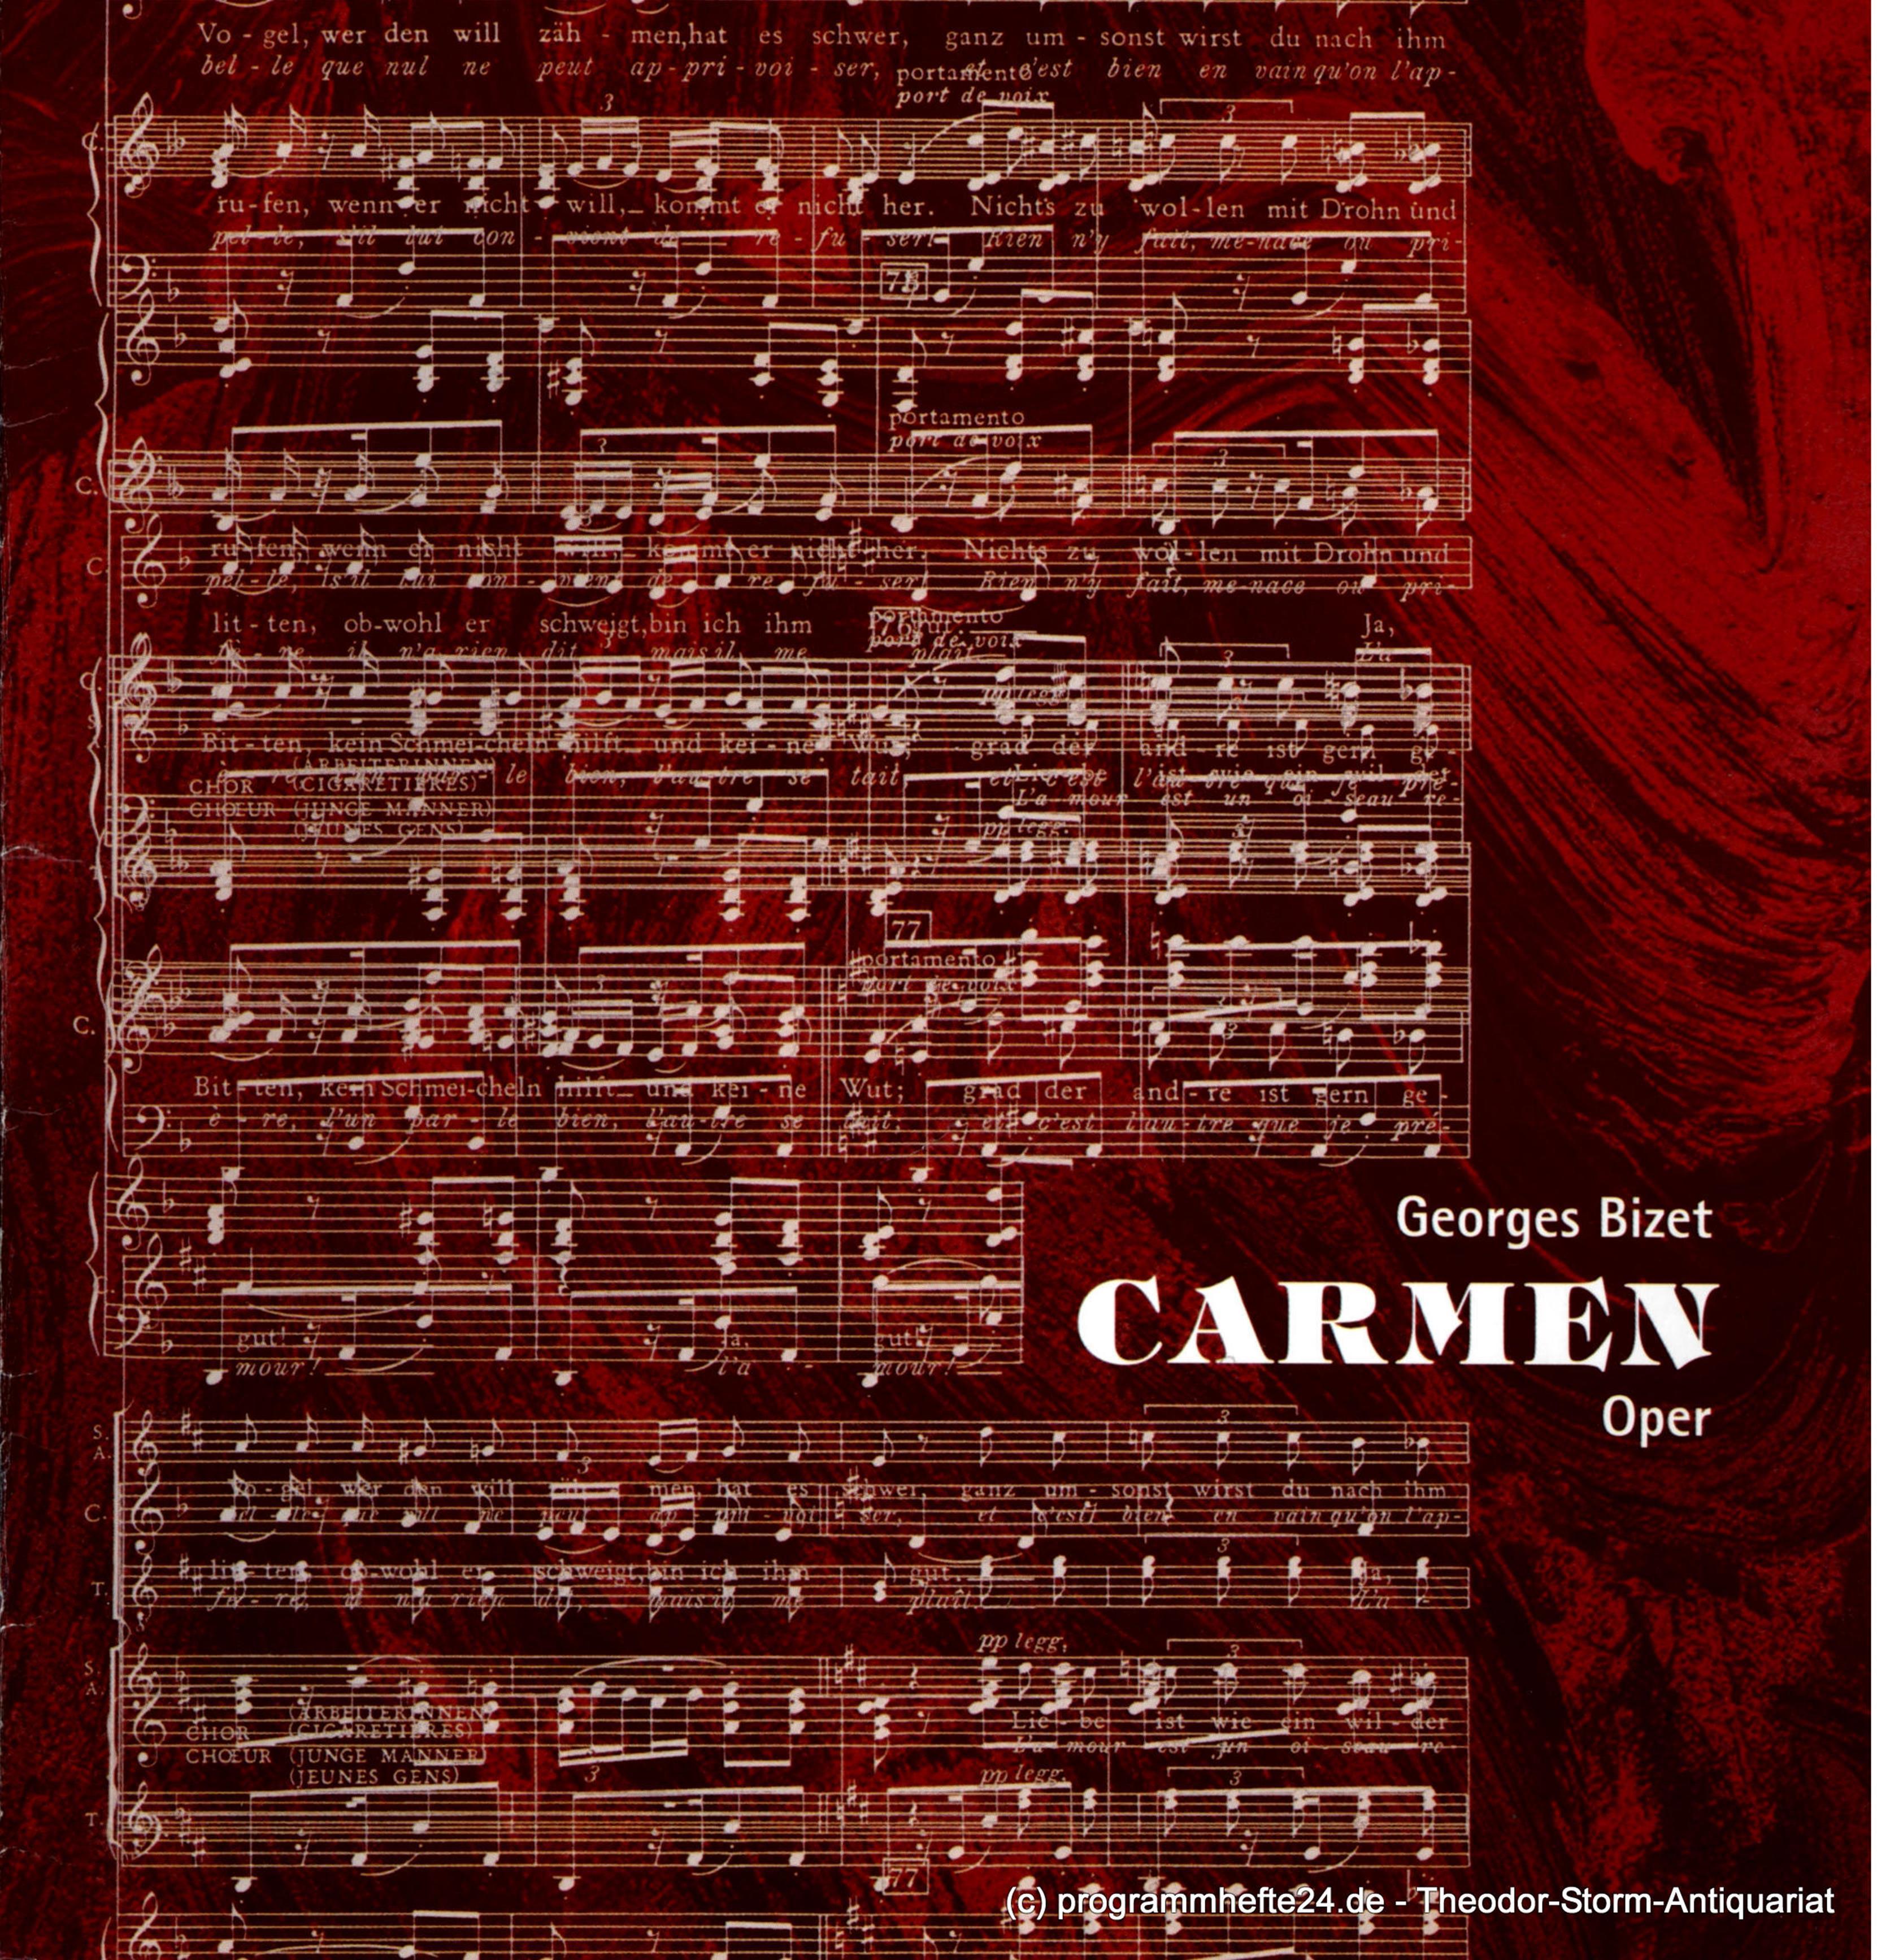 Programmheft CARMEN. Oper von Henri Meilhac und Ludovic Halevy. Premiere 17. / 2